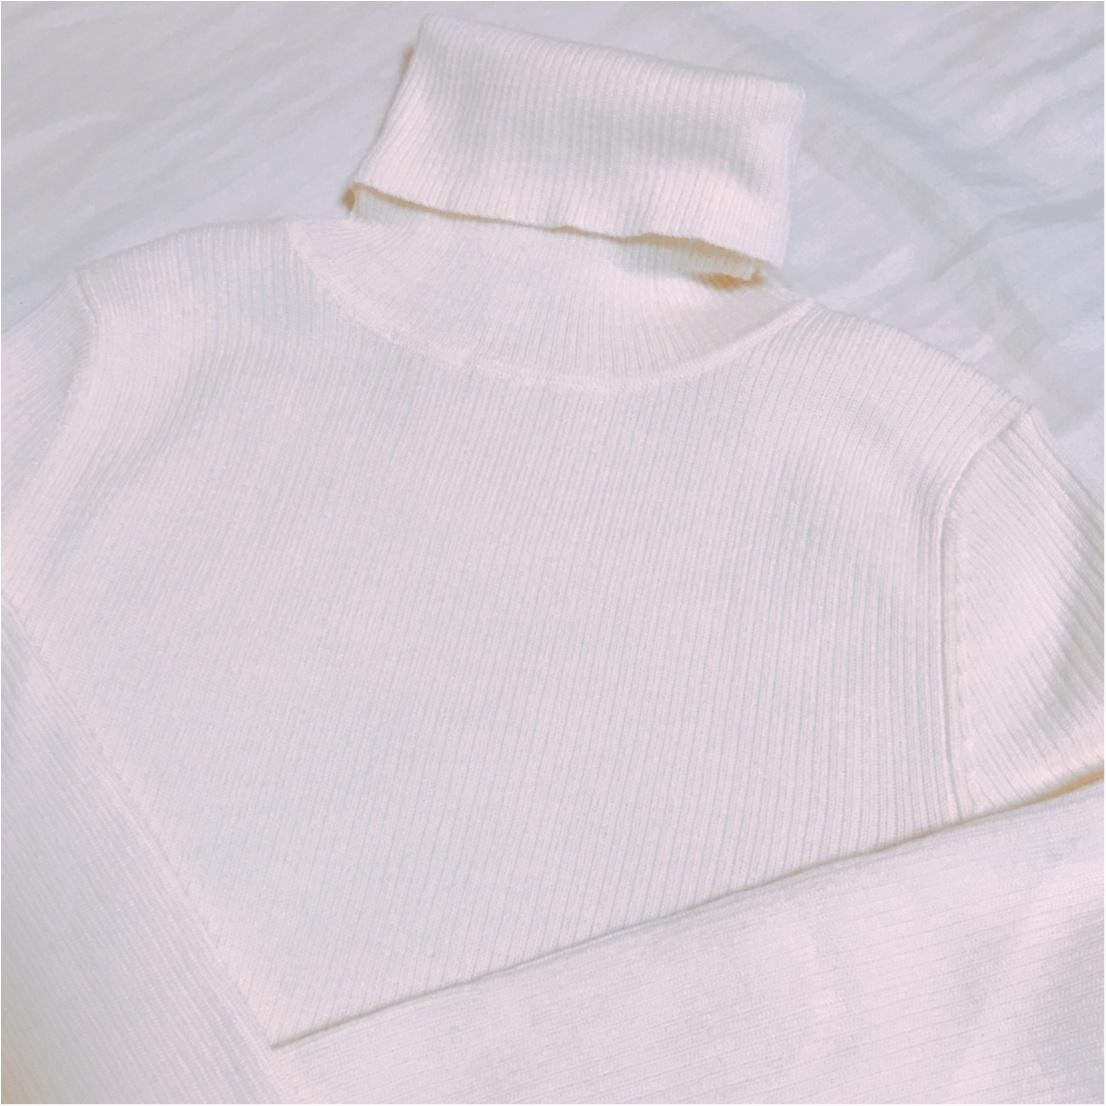 【11/22までお買得♡】ユニクロの《リブタートルネックセーター》が進化したっ!_1